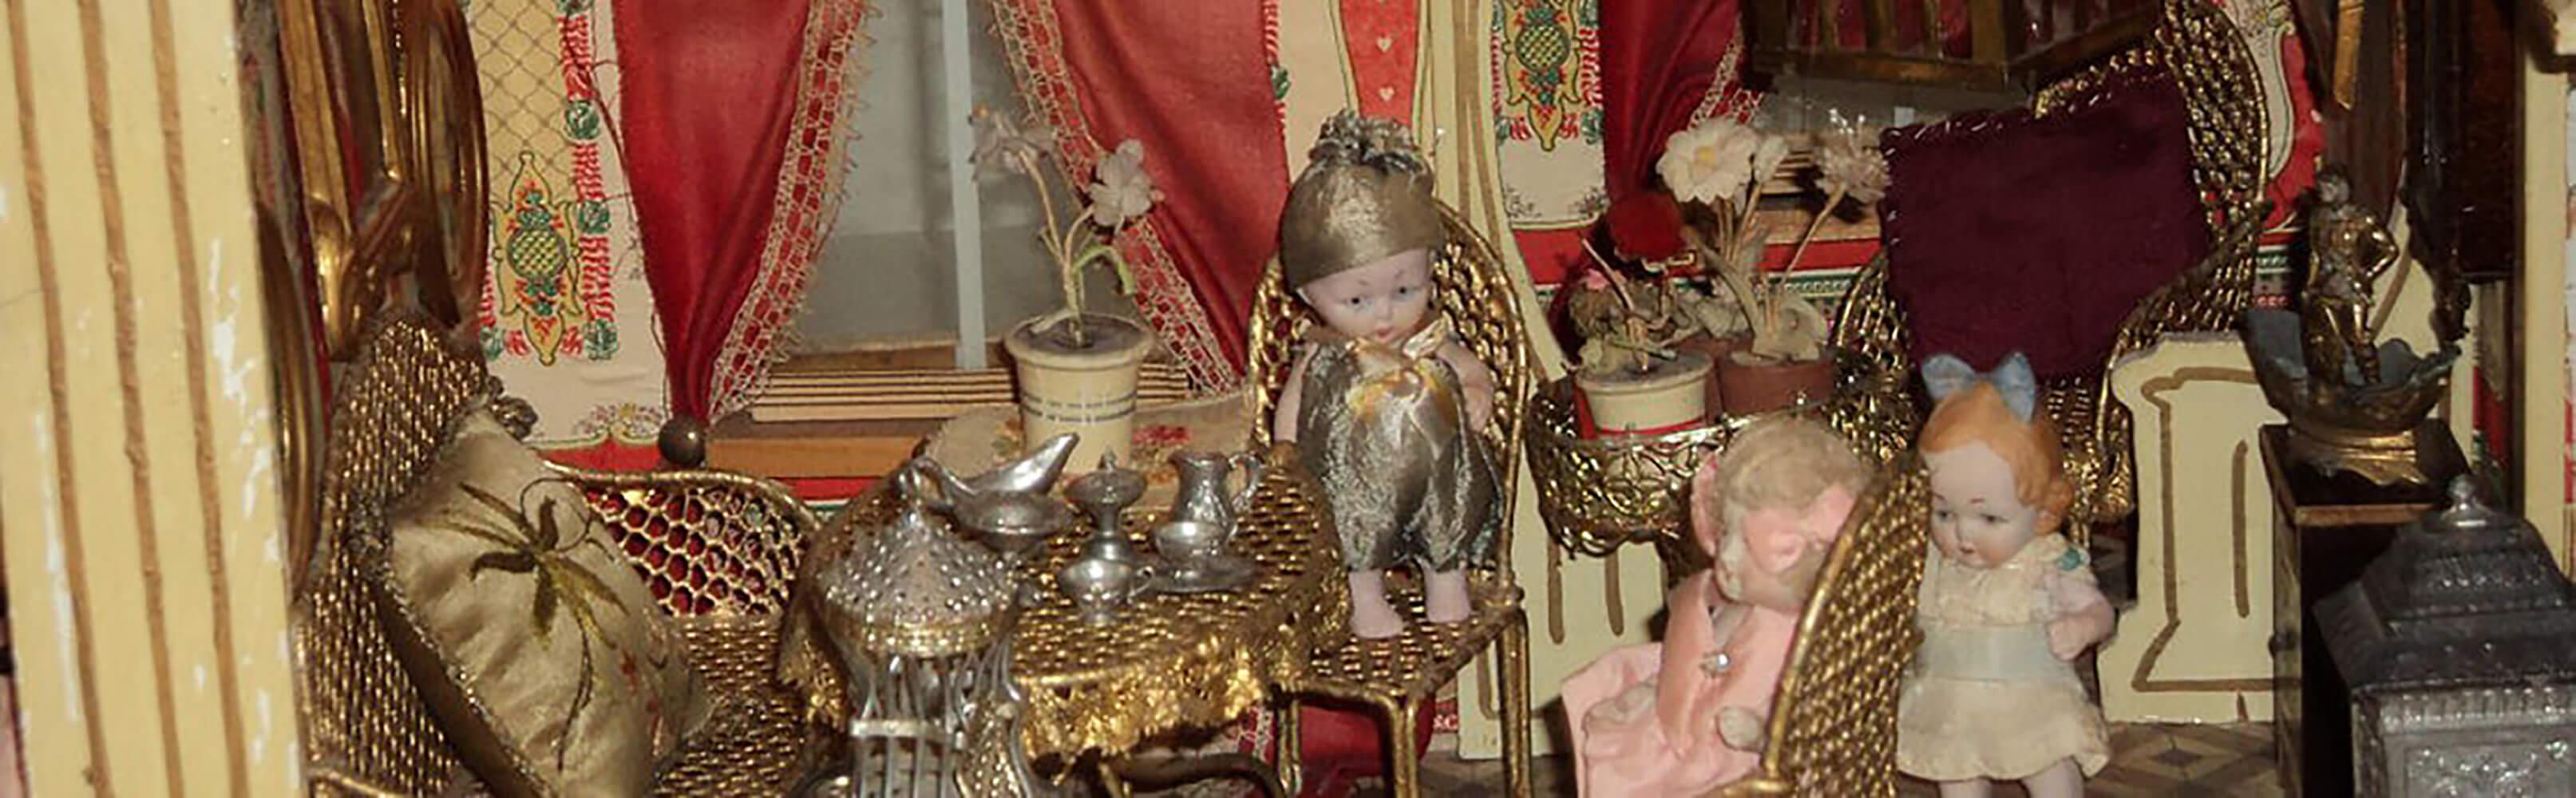 Solothurner Puppen- und Spielzeugmuseum 1